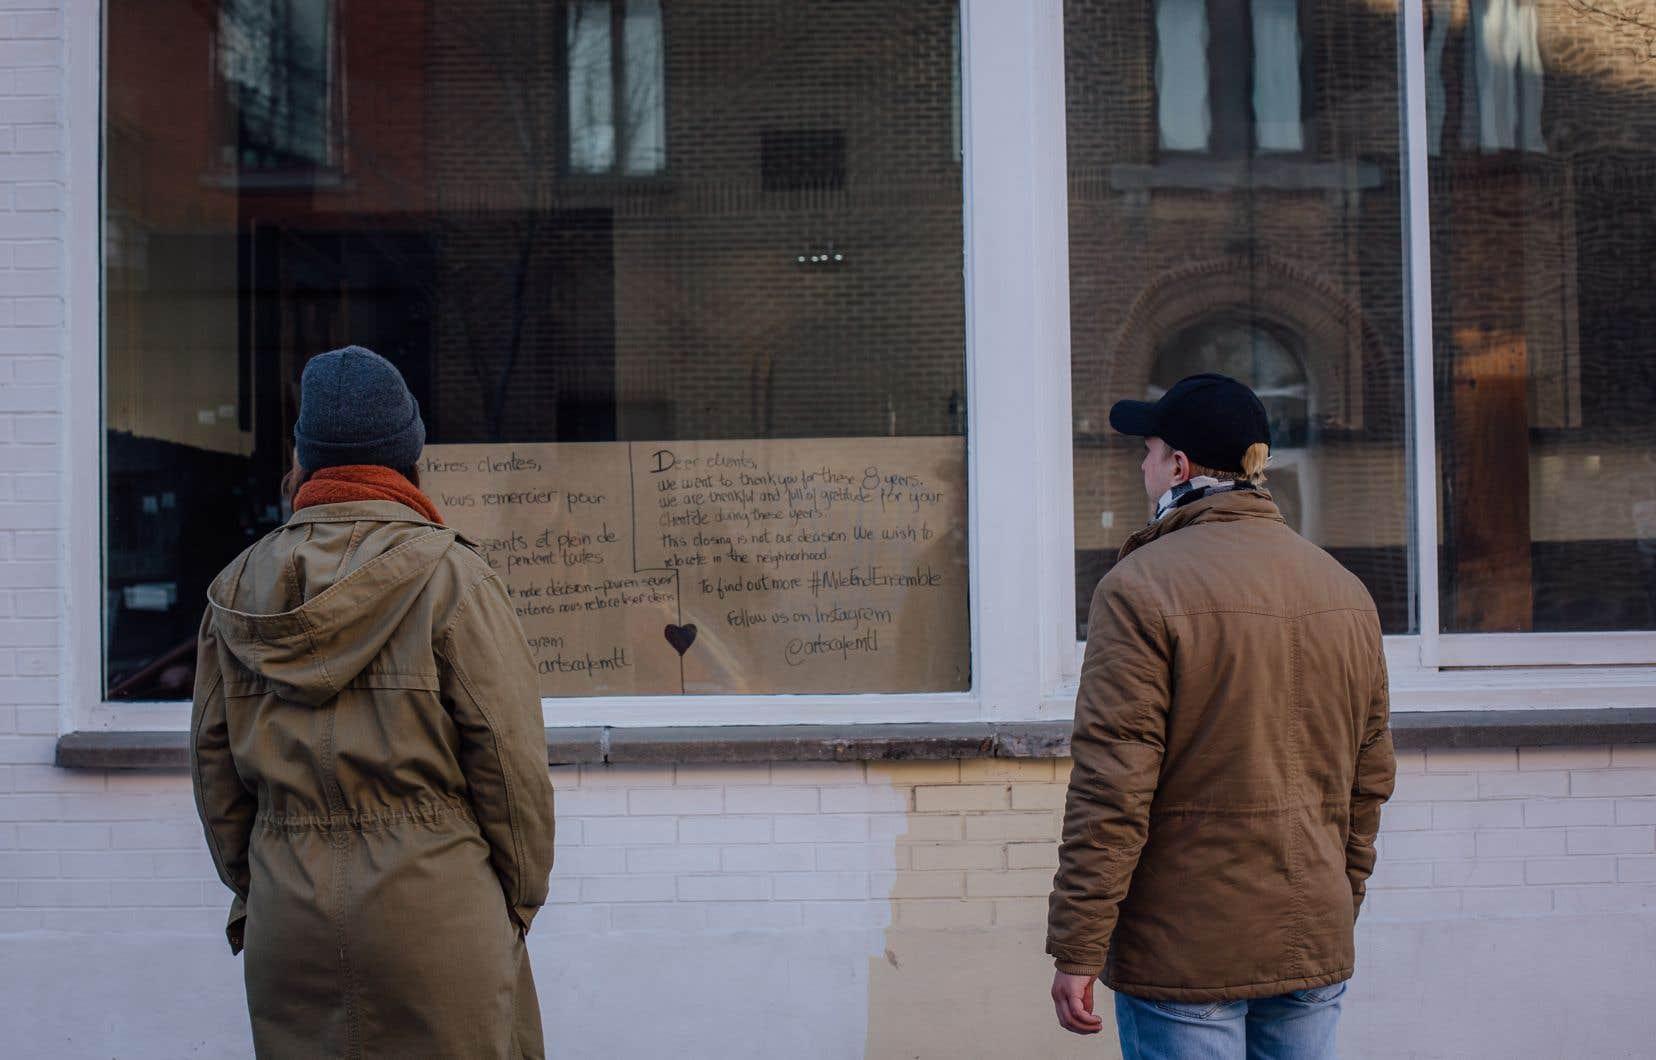 La fermeture récente de l'Arts Café, dans le Mile End, sème la consternation dans le quartier qui a perdu plusieurs commerçants dans les dernières années. Sur la photo, des passants lisent une note écrite à l'intention des clients par les anciens tenanciers du café.